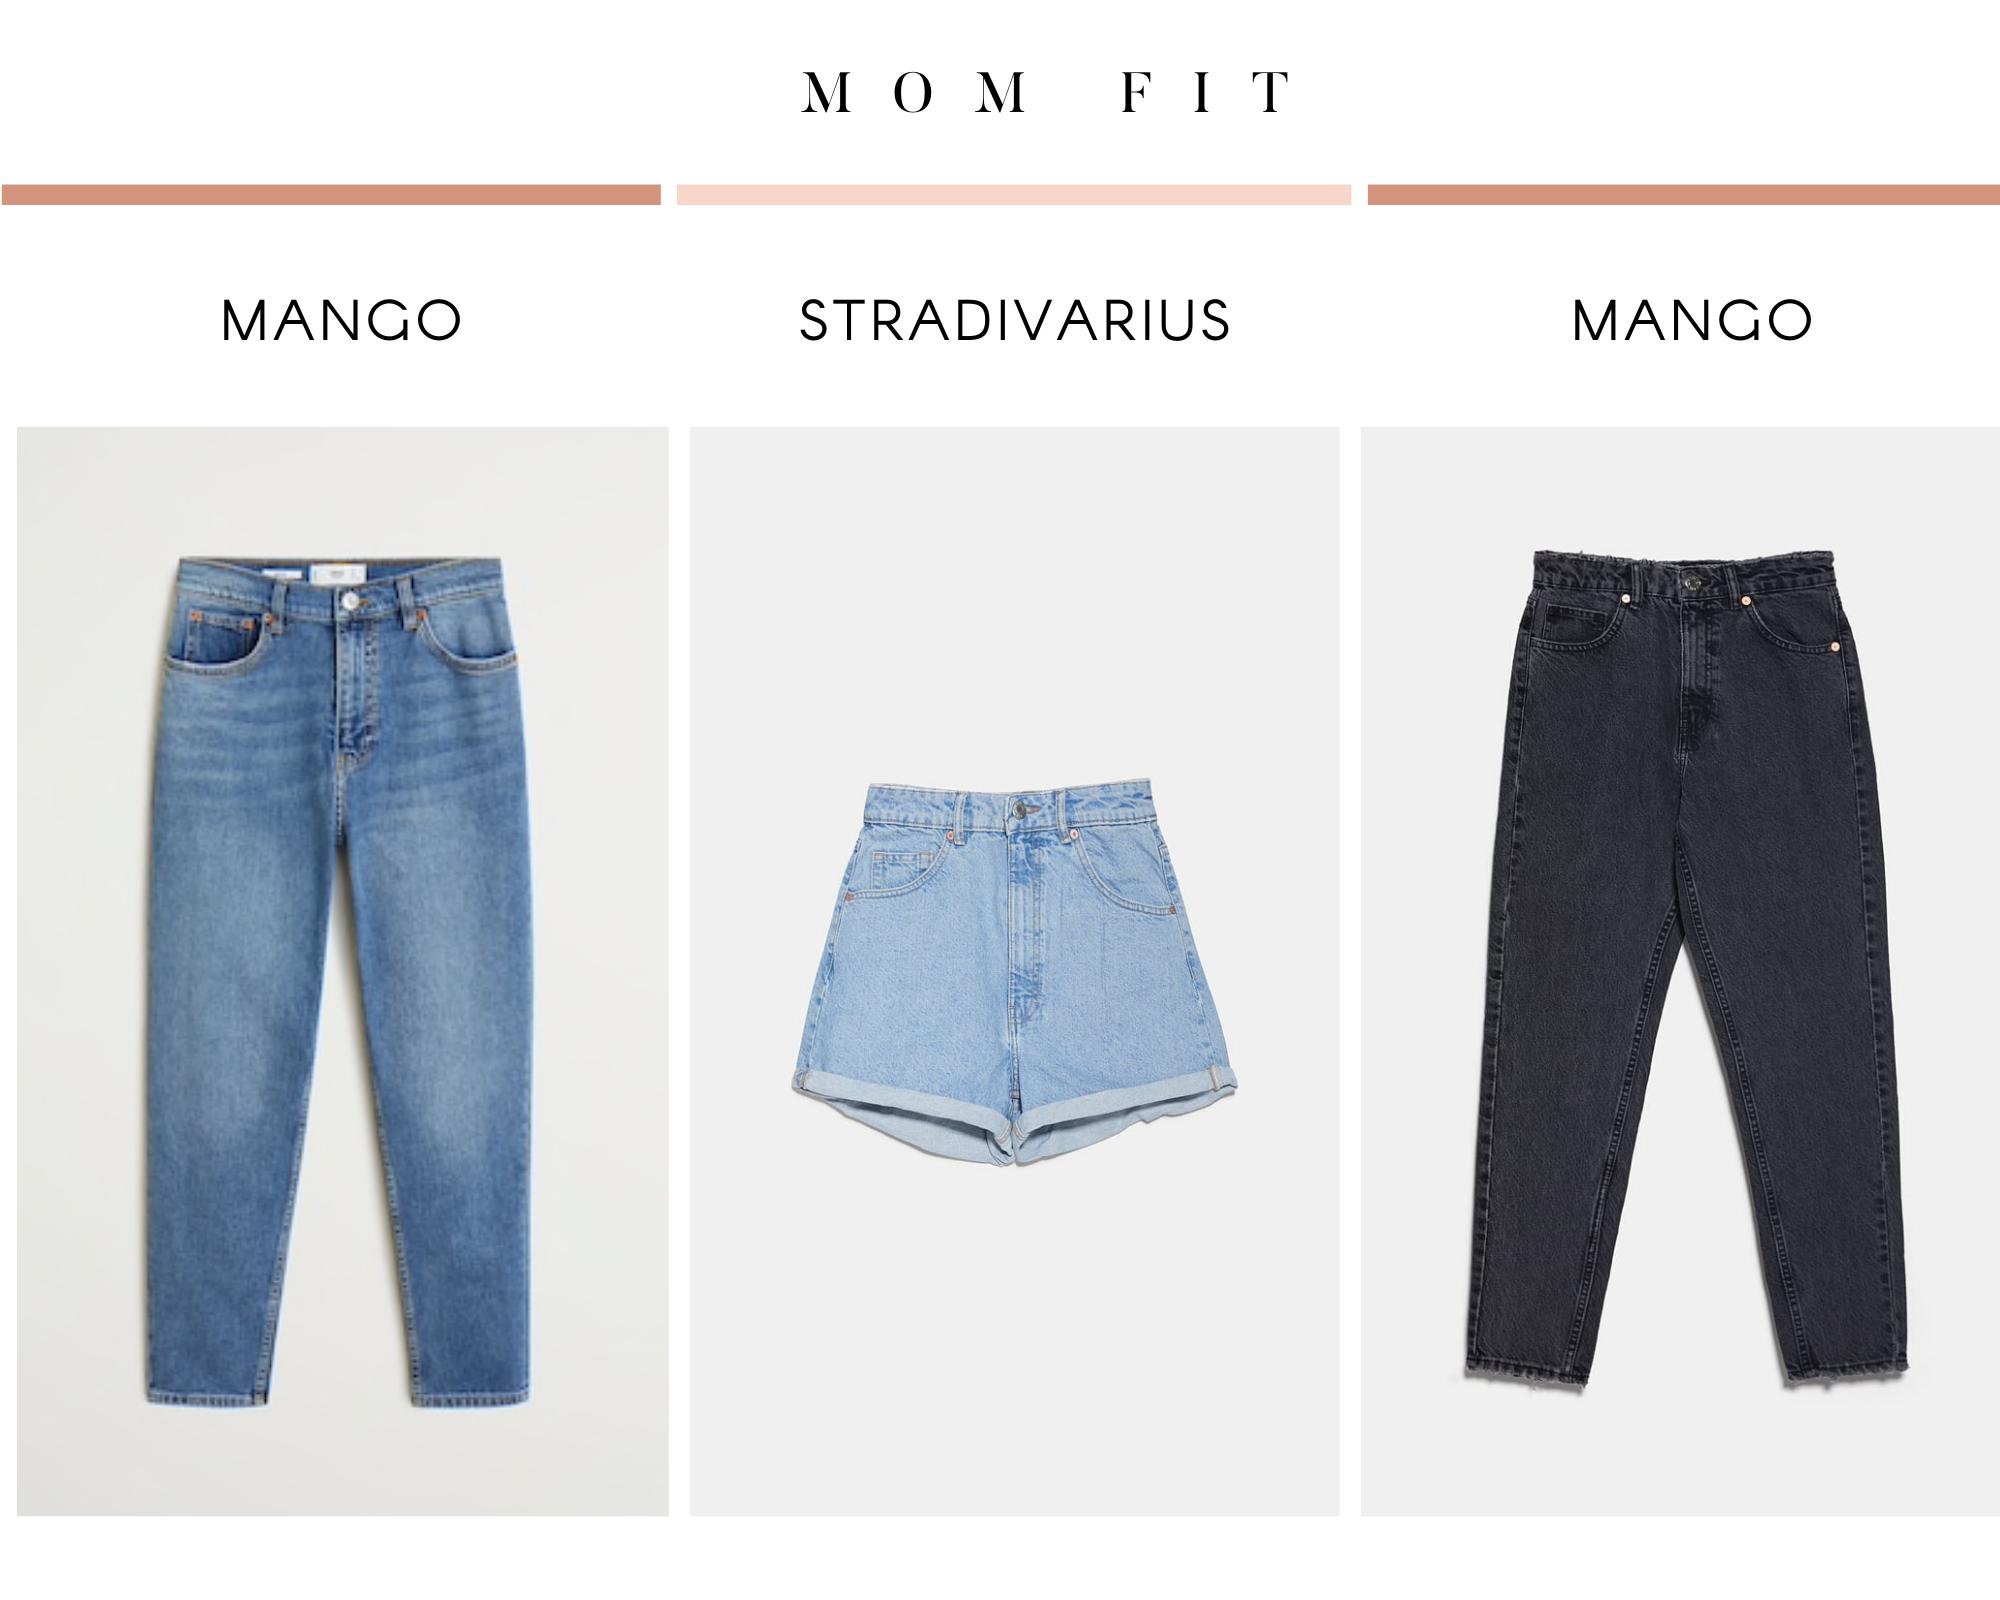 STYLE TIP: son súper cómodos y puedes encontrar este corte en shorts, faldas o vaqueros.